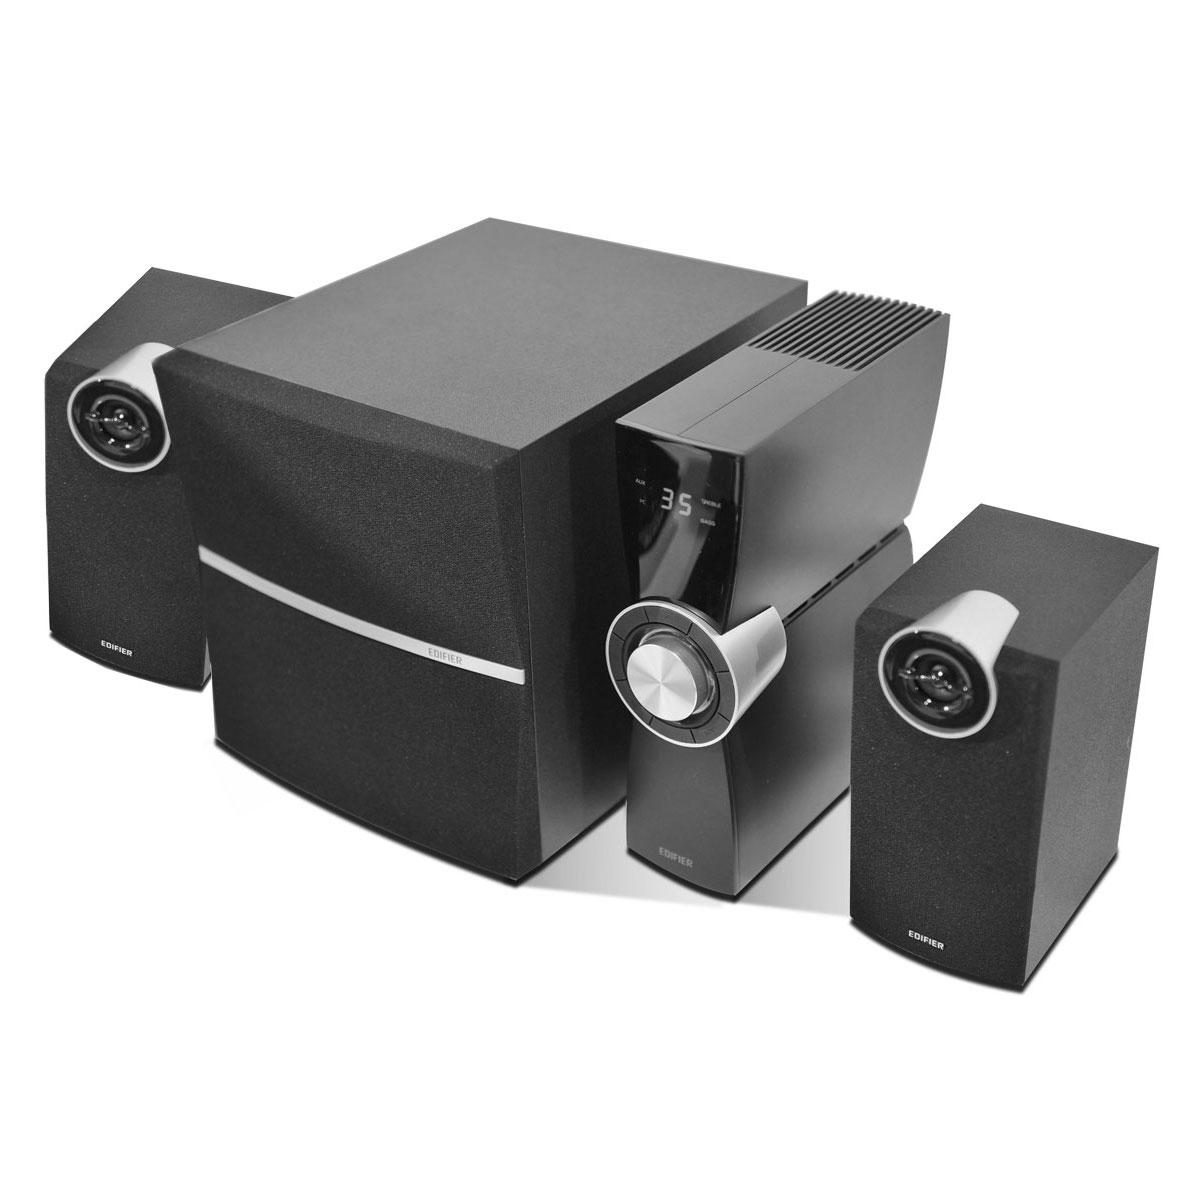 edifier c2x analogique enceinte pc edifier sur ldlc. Black Bedroom Furniture Sets. Home Design Ideas